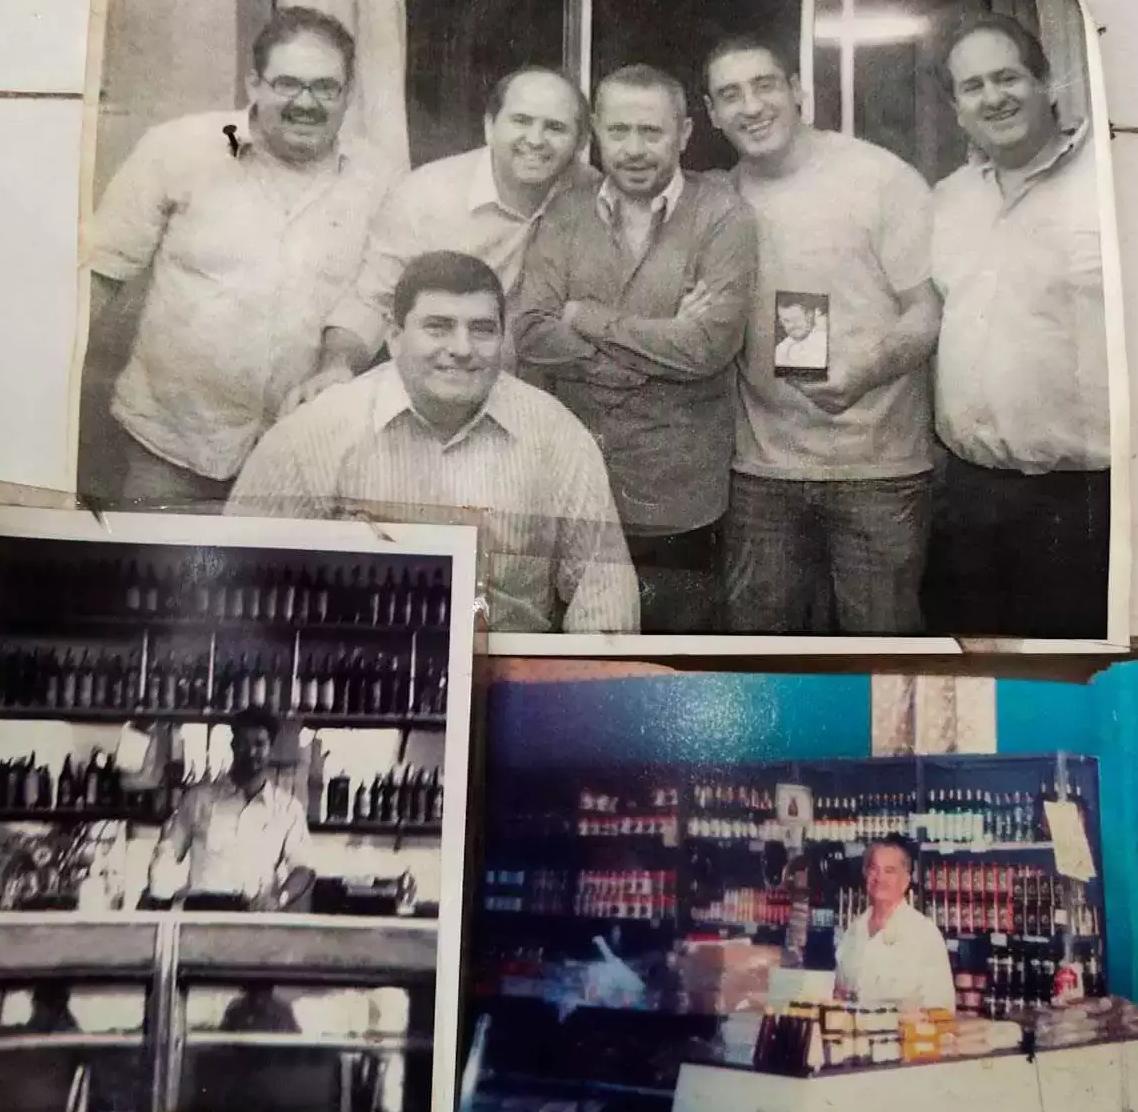 Michel Ibrahim era o comerciante nato de origem libanesa que trouxe a comida árabe aos campo-grandenses (Foto: Marcos Maluf)